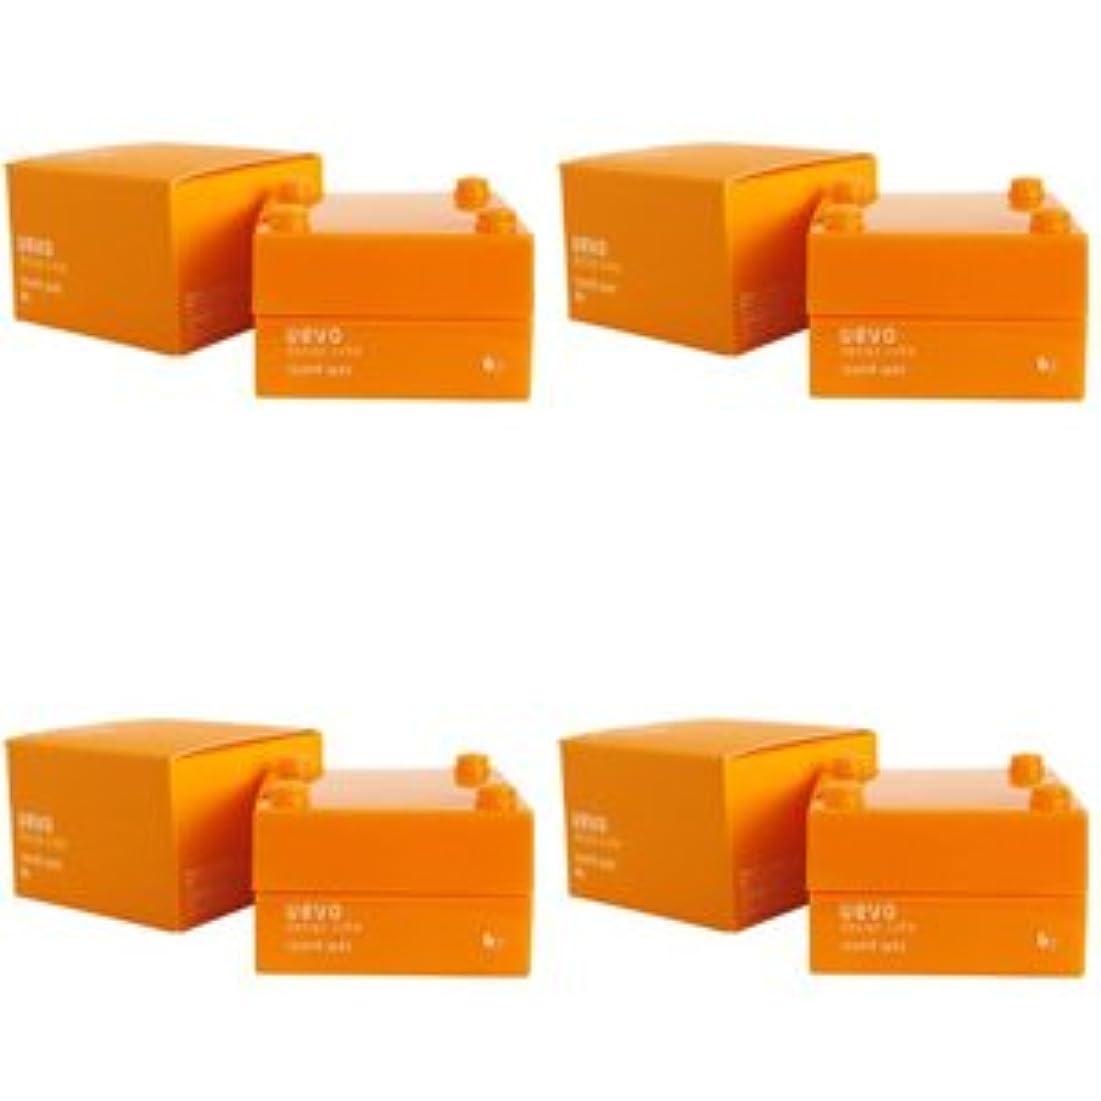 移動ルートレッスン【X4個セット】 デミ ウェーボ デザインキューブ ラウンドワックス 30g round wax DEMI uevo design cube